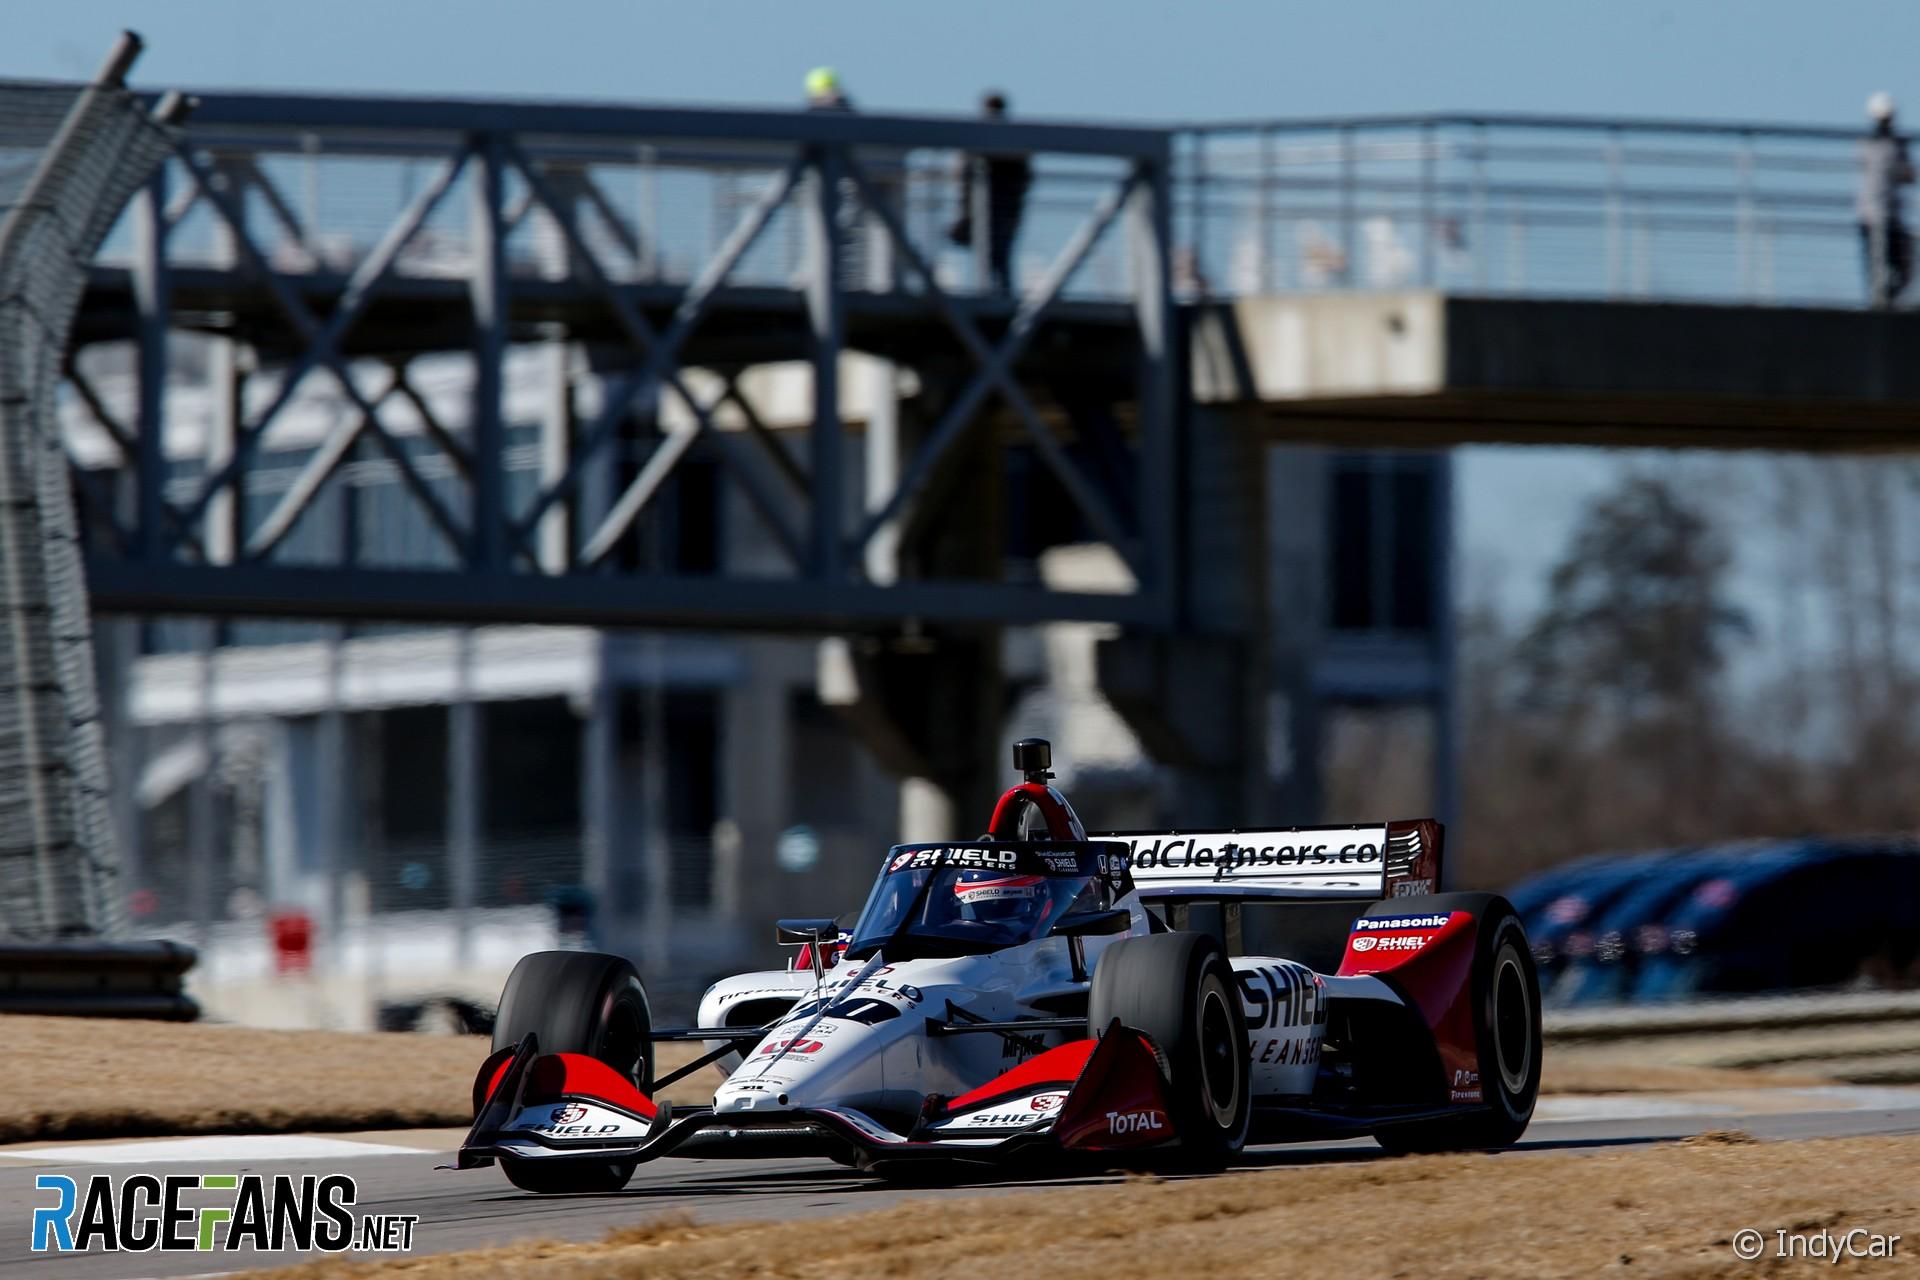 Takuma Sato, RLL, Barber Motorsport Park, 2021